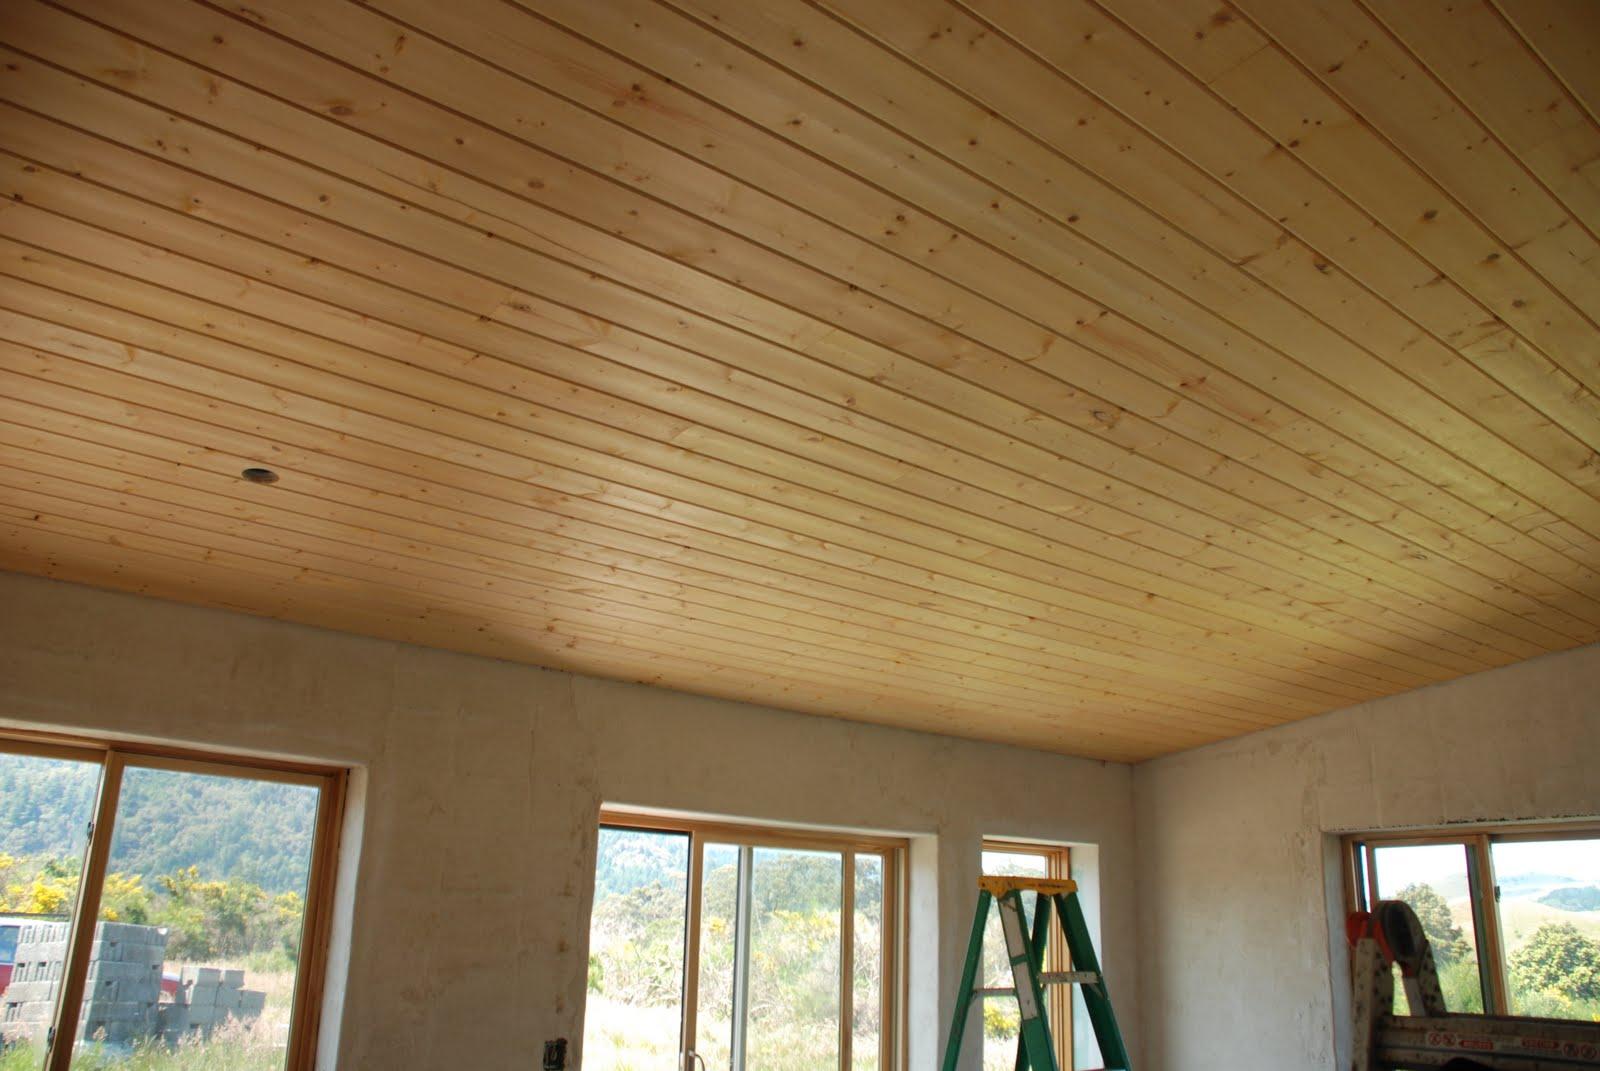 Потолок в деревянном доме — лучшие варианты отделки. 140 реальных фотографий красивого дизайна